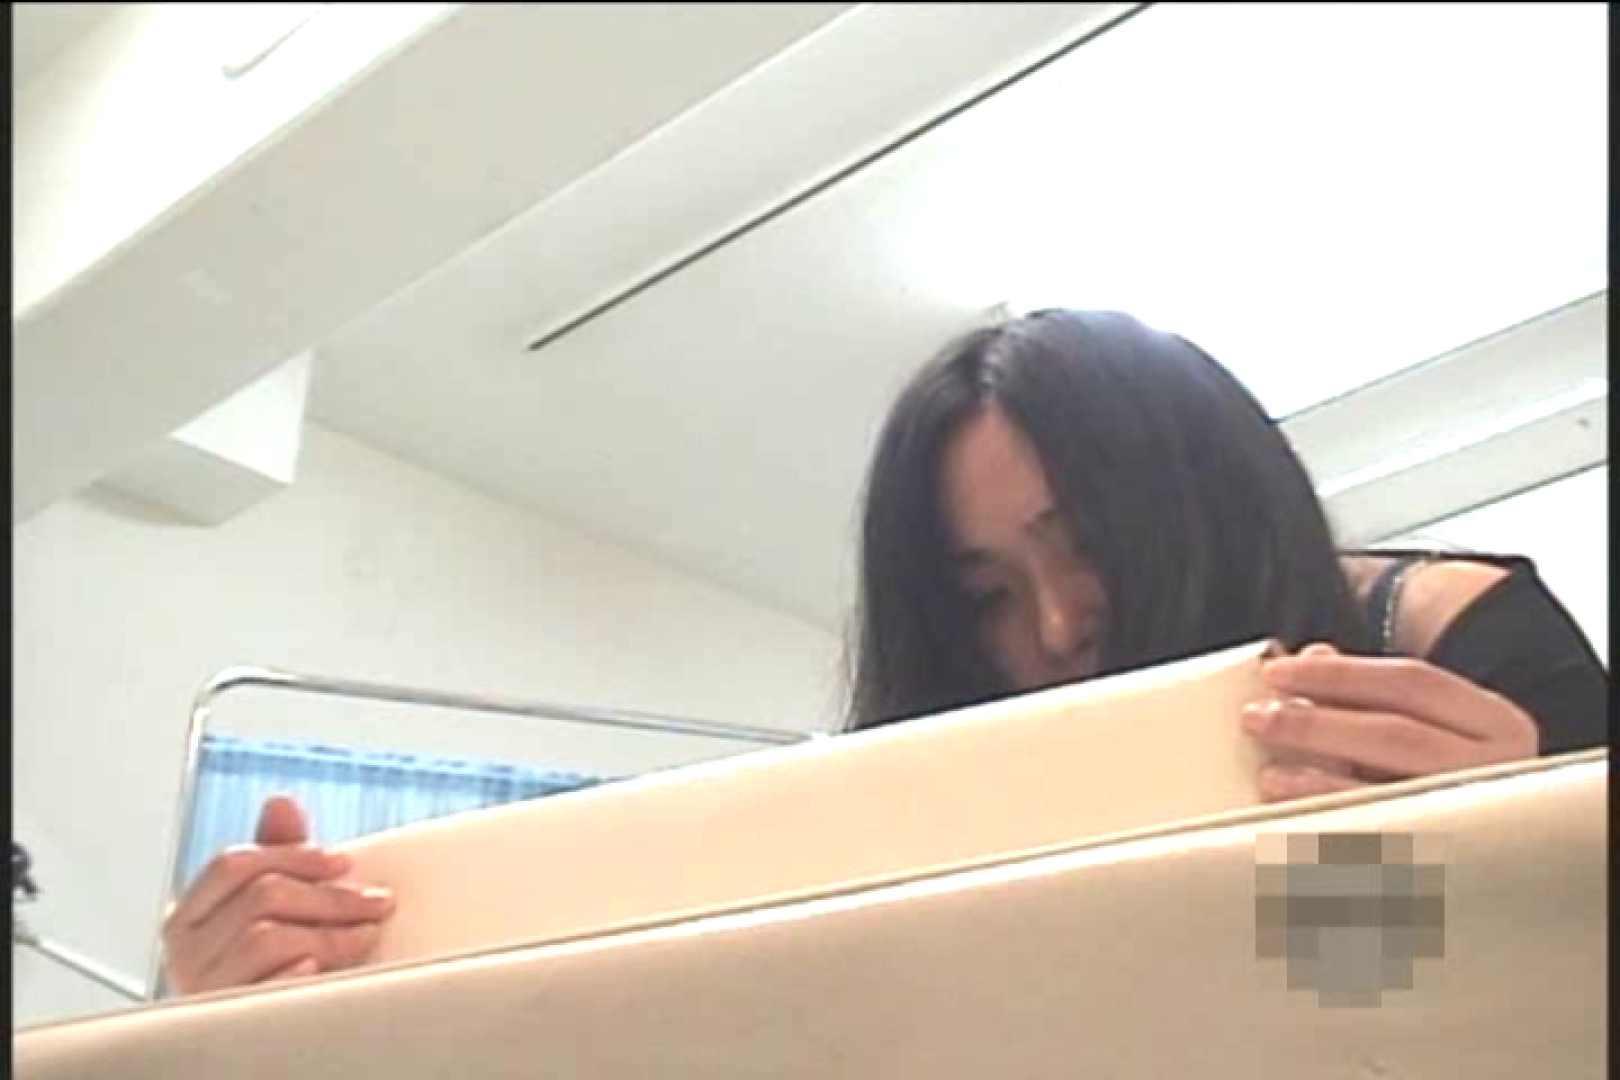 逆噴射病院 肛門科Vol.4 肛門 オマンコ動画キャプチャ 24pic 8